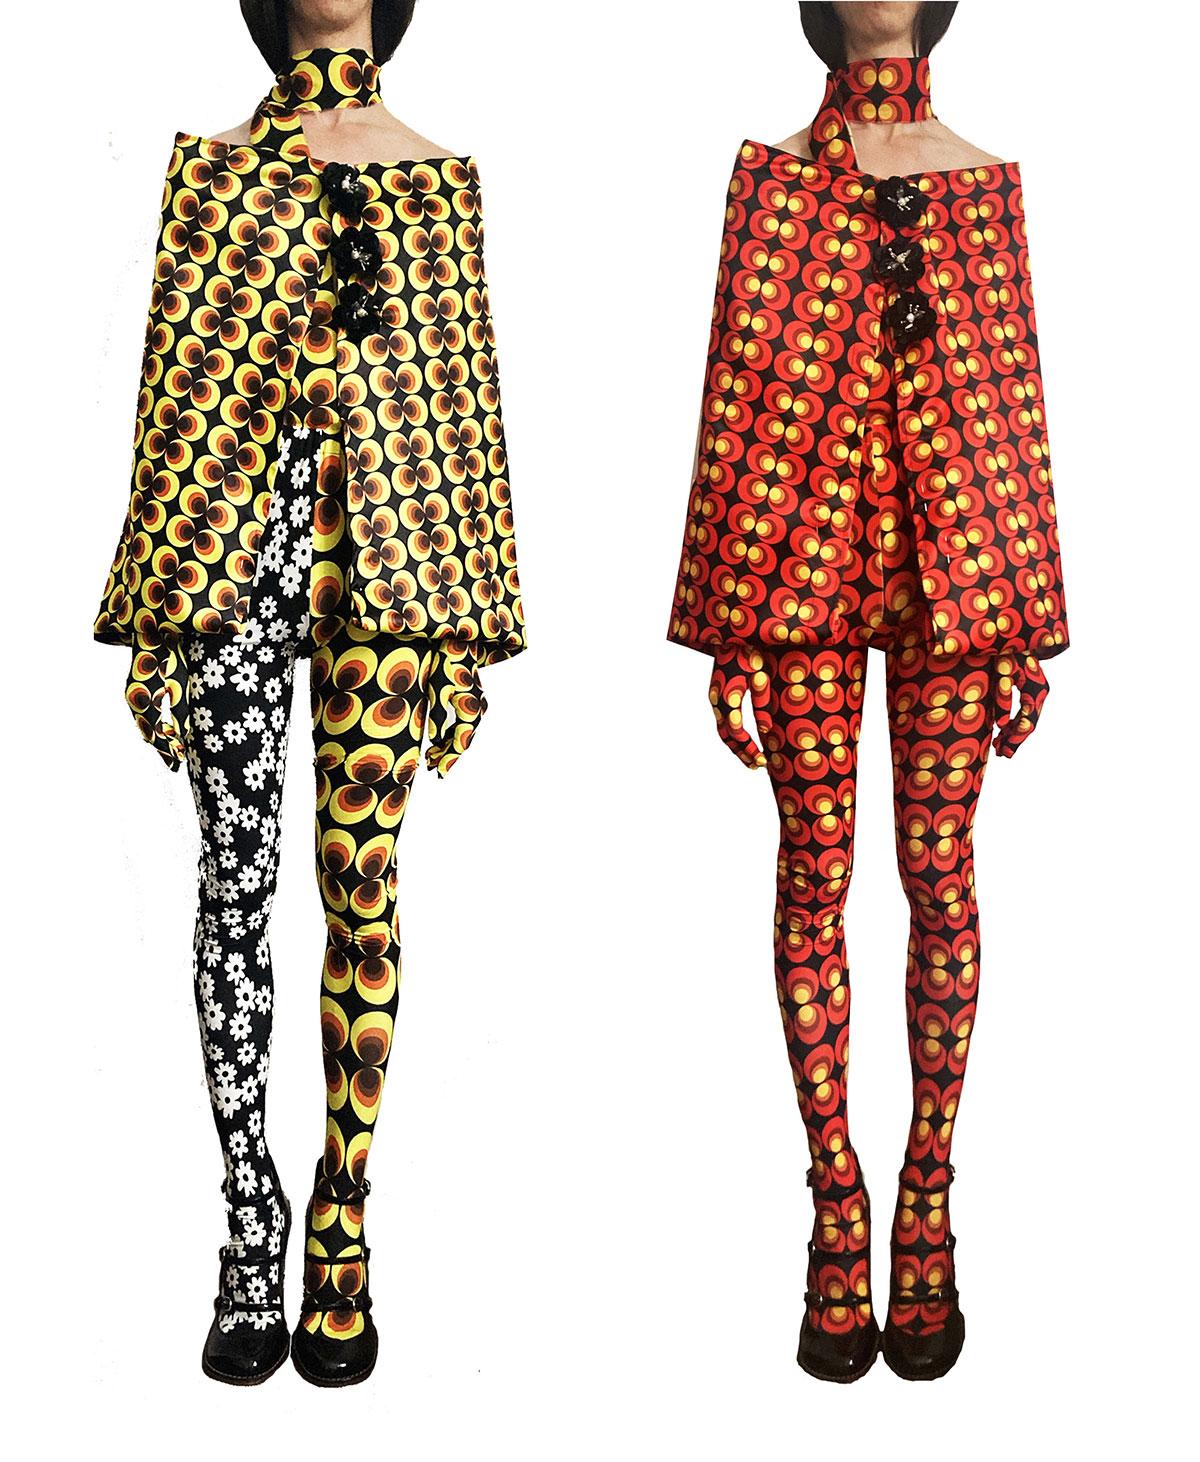 Vintage-Inspired French Designer Lauren Perrin